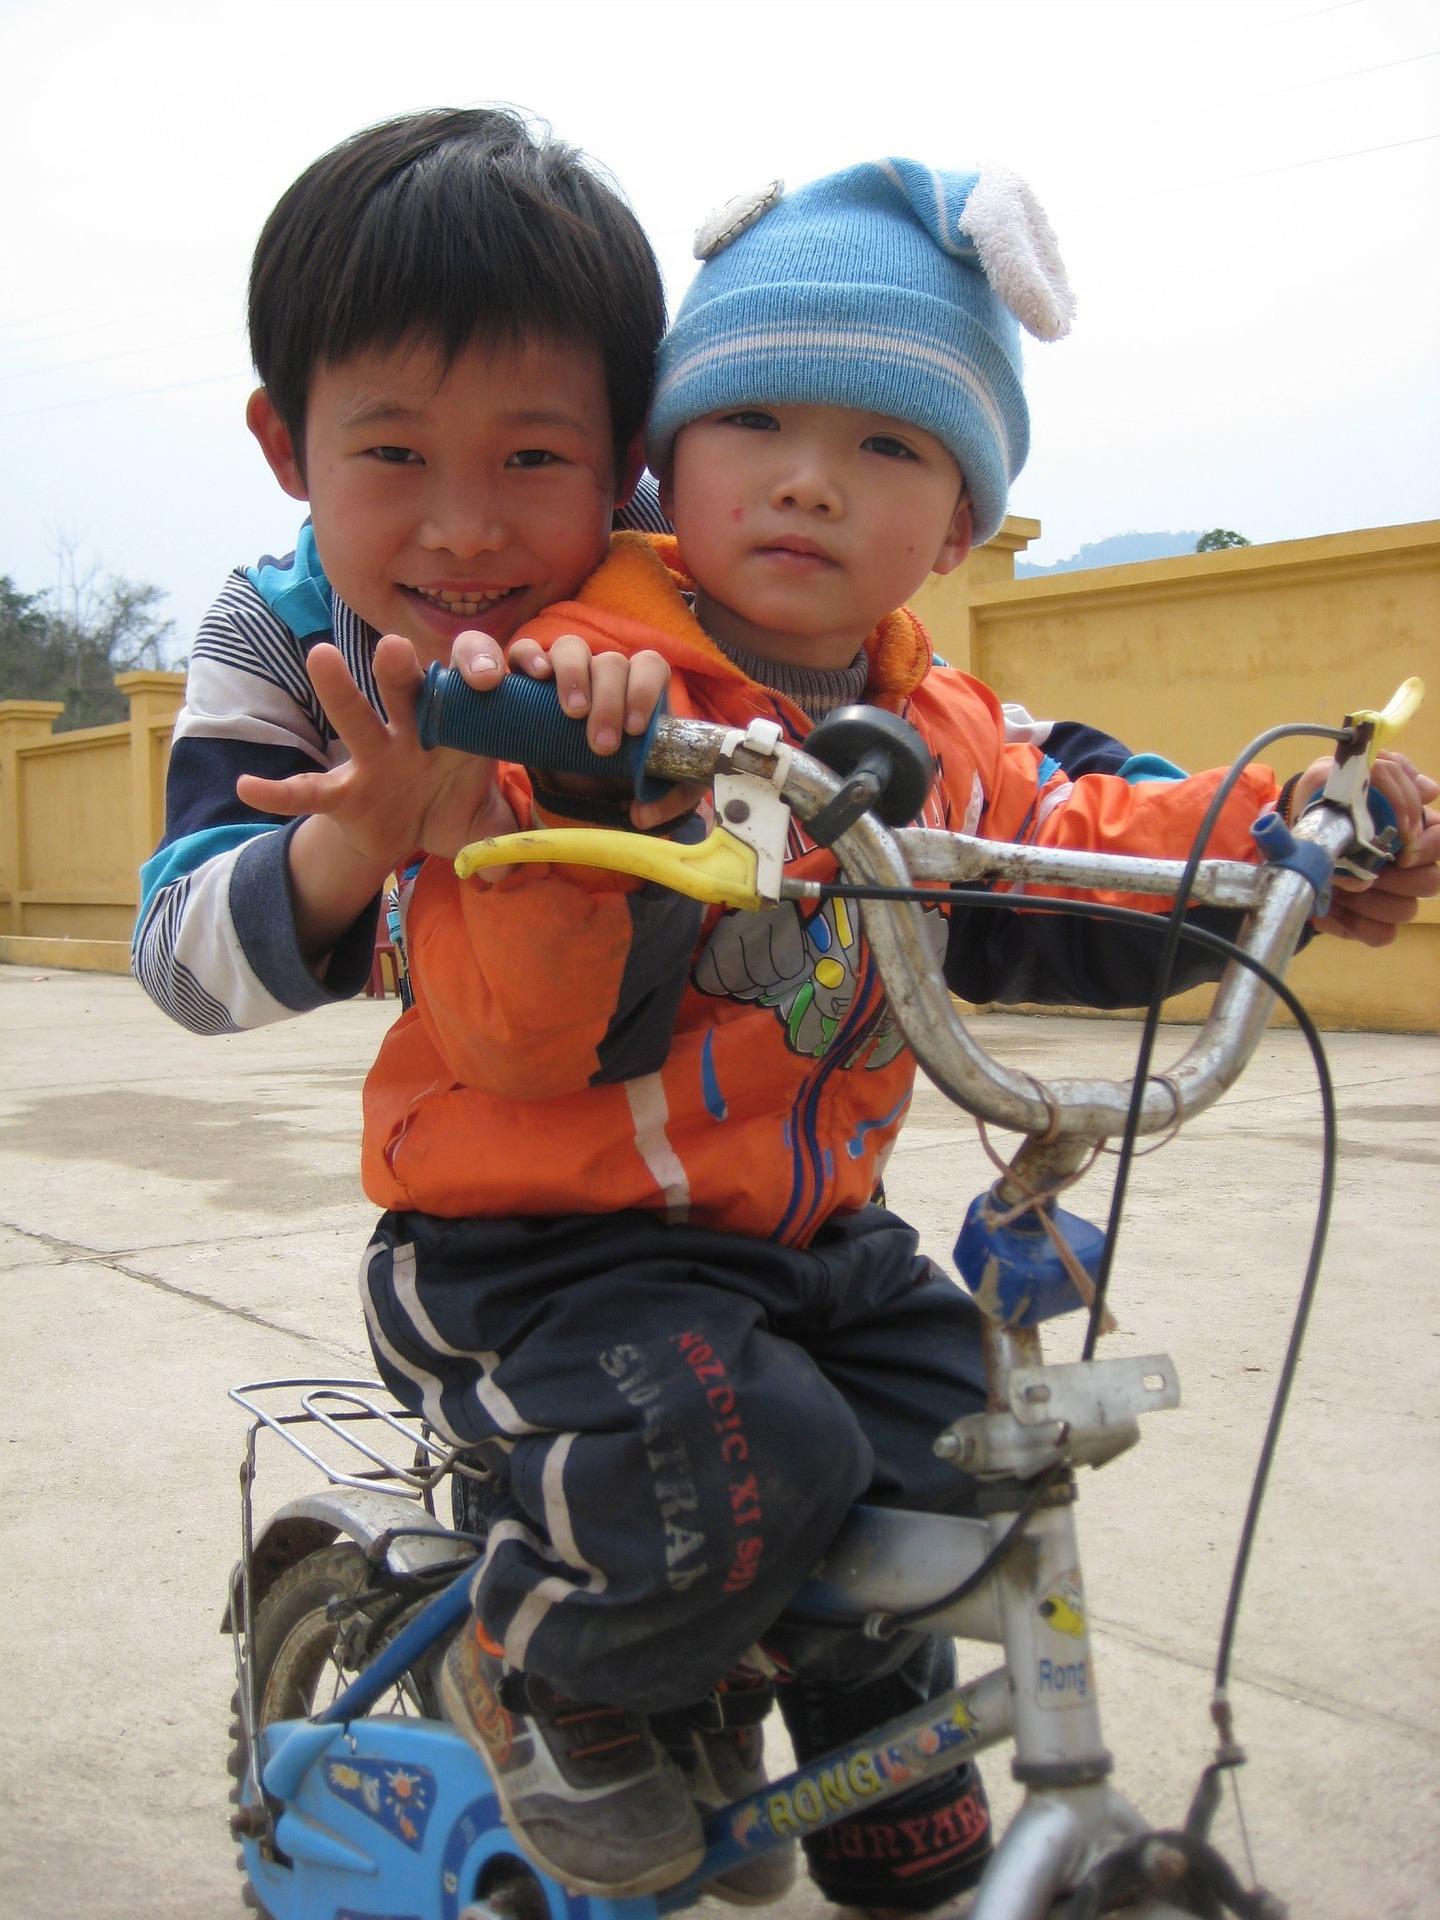 Quand pouvez-vous mettre votre bébé sur un vélo ?